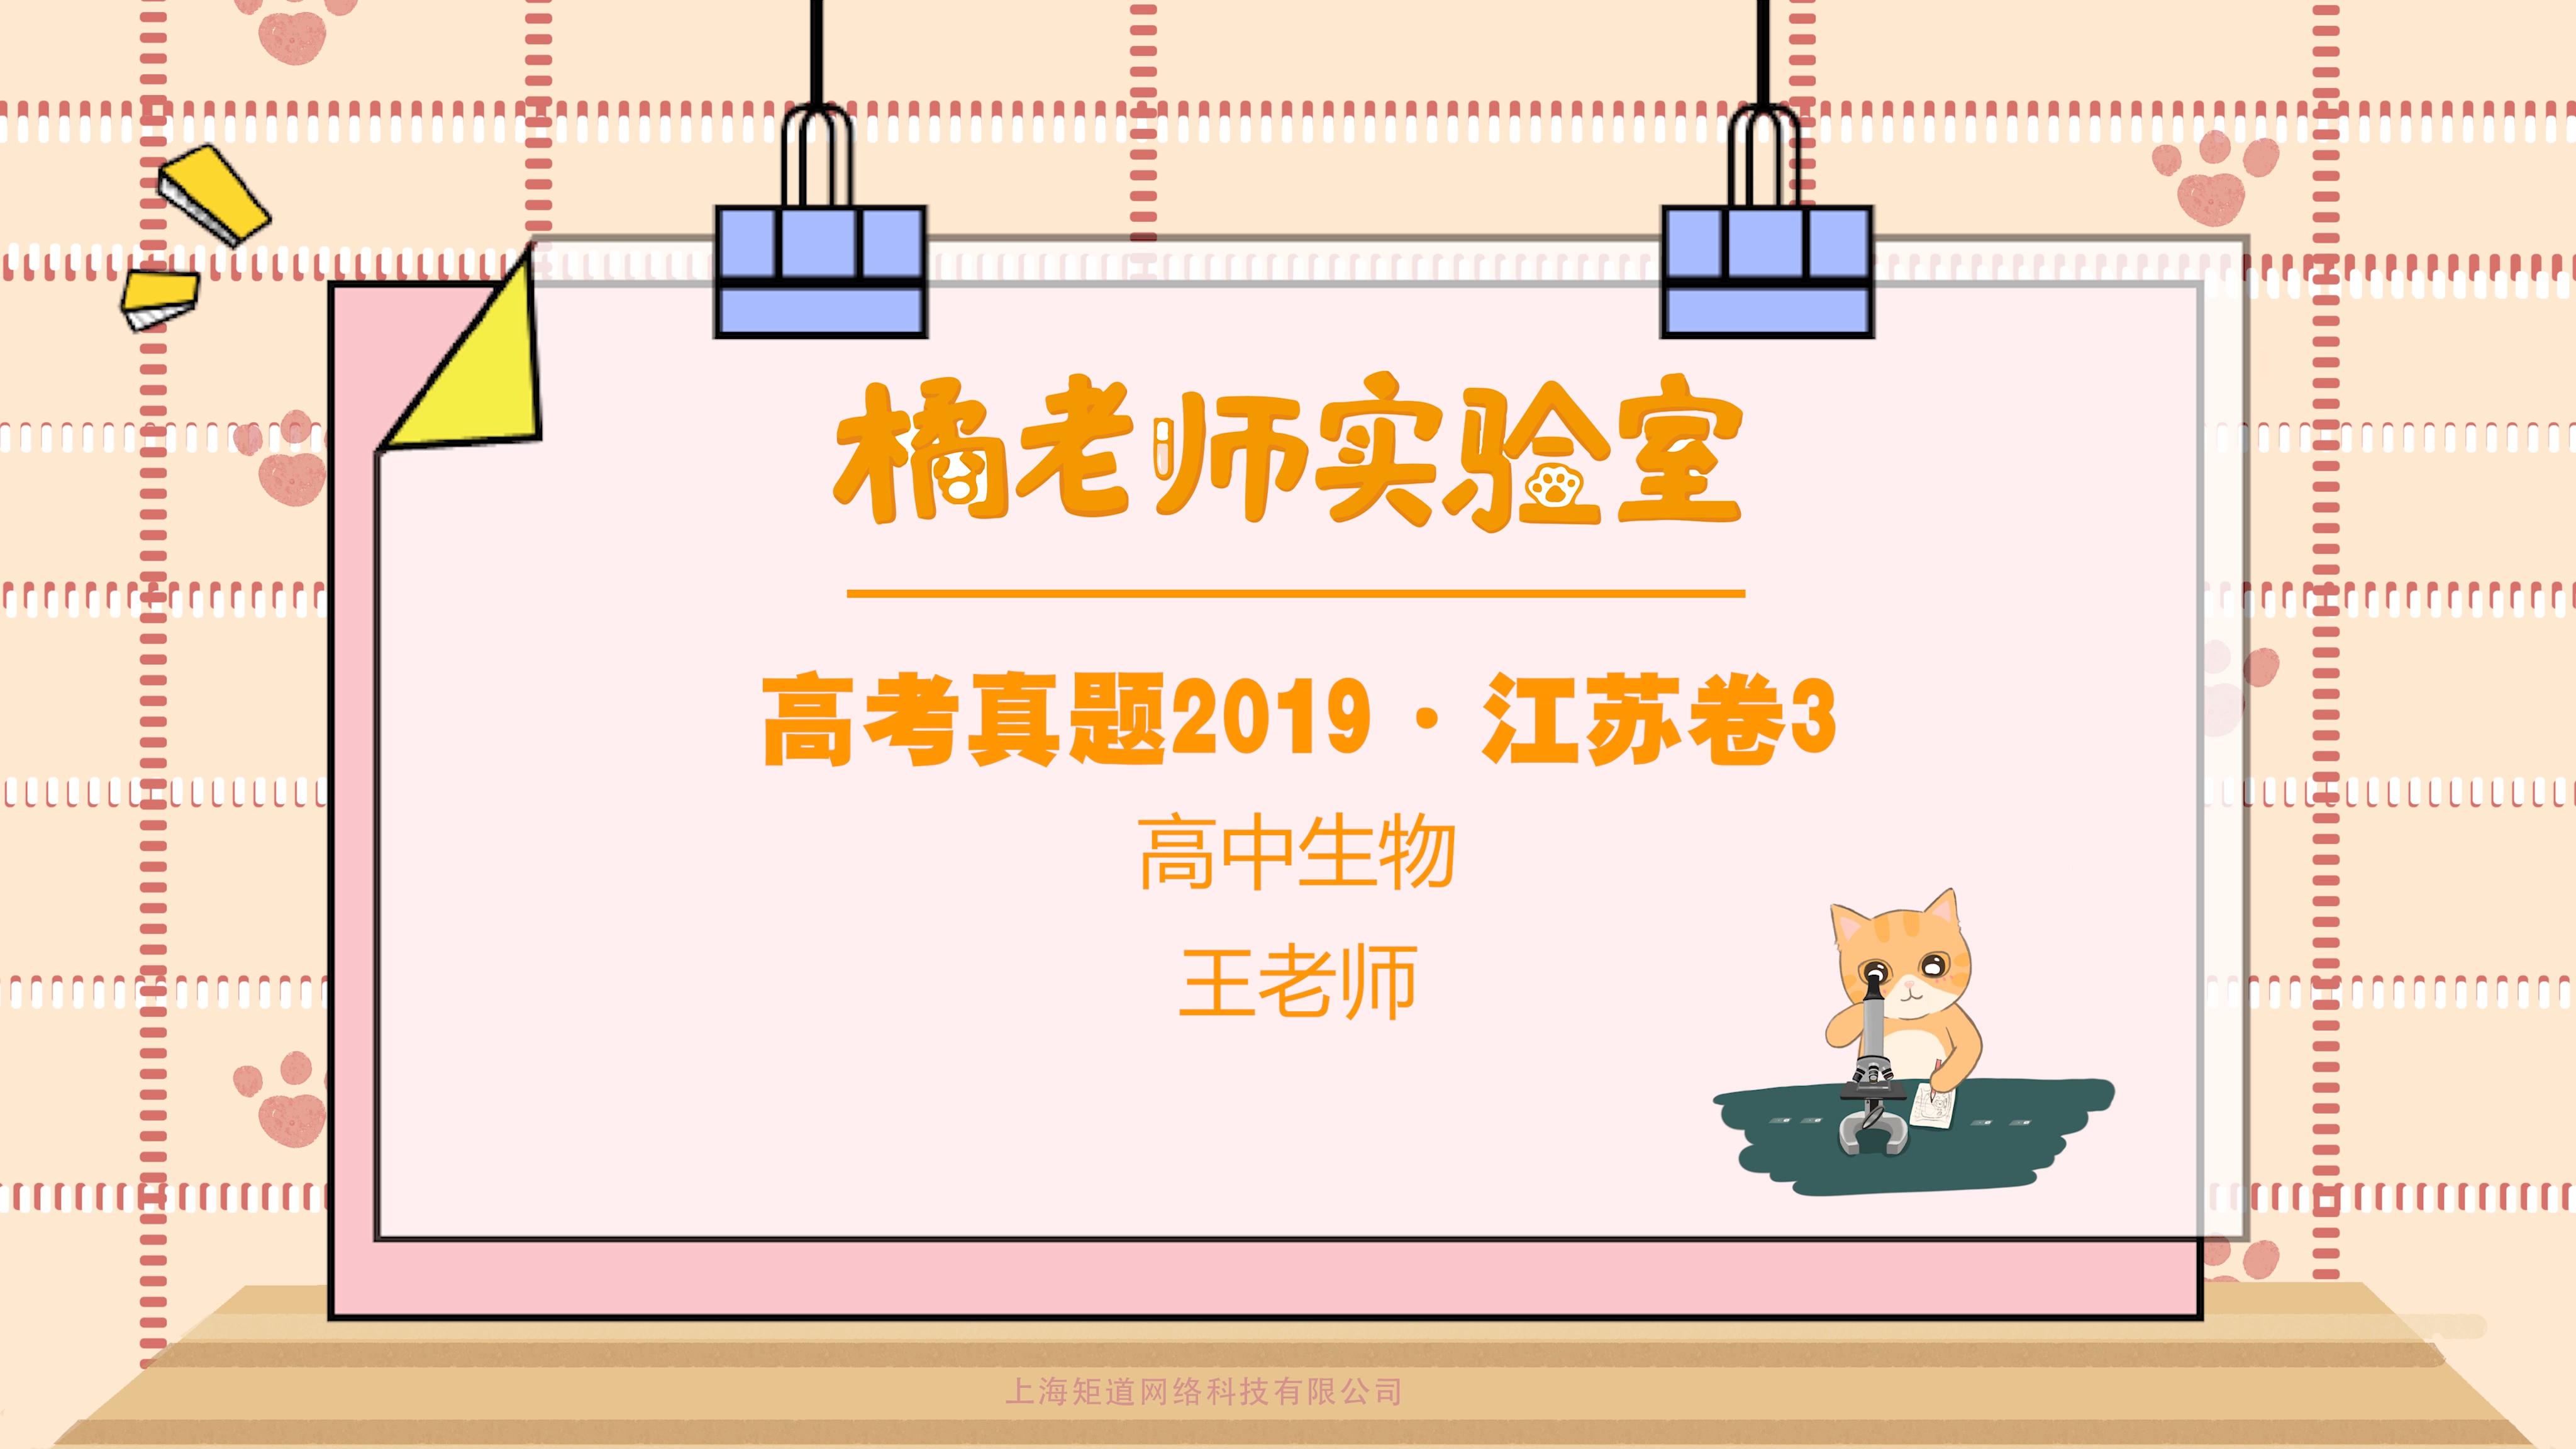 第一百三十四期:《高考生物真题2019·江苏卷第三题》